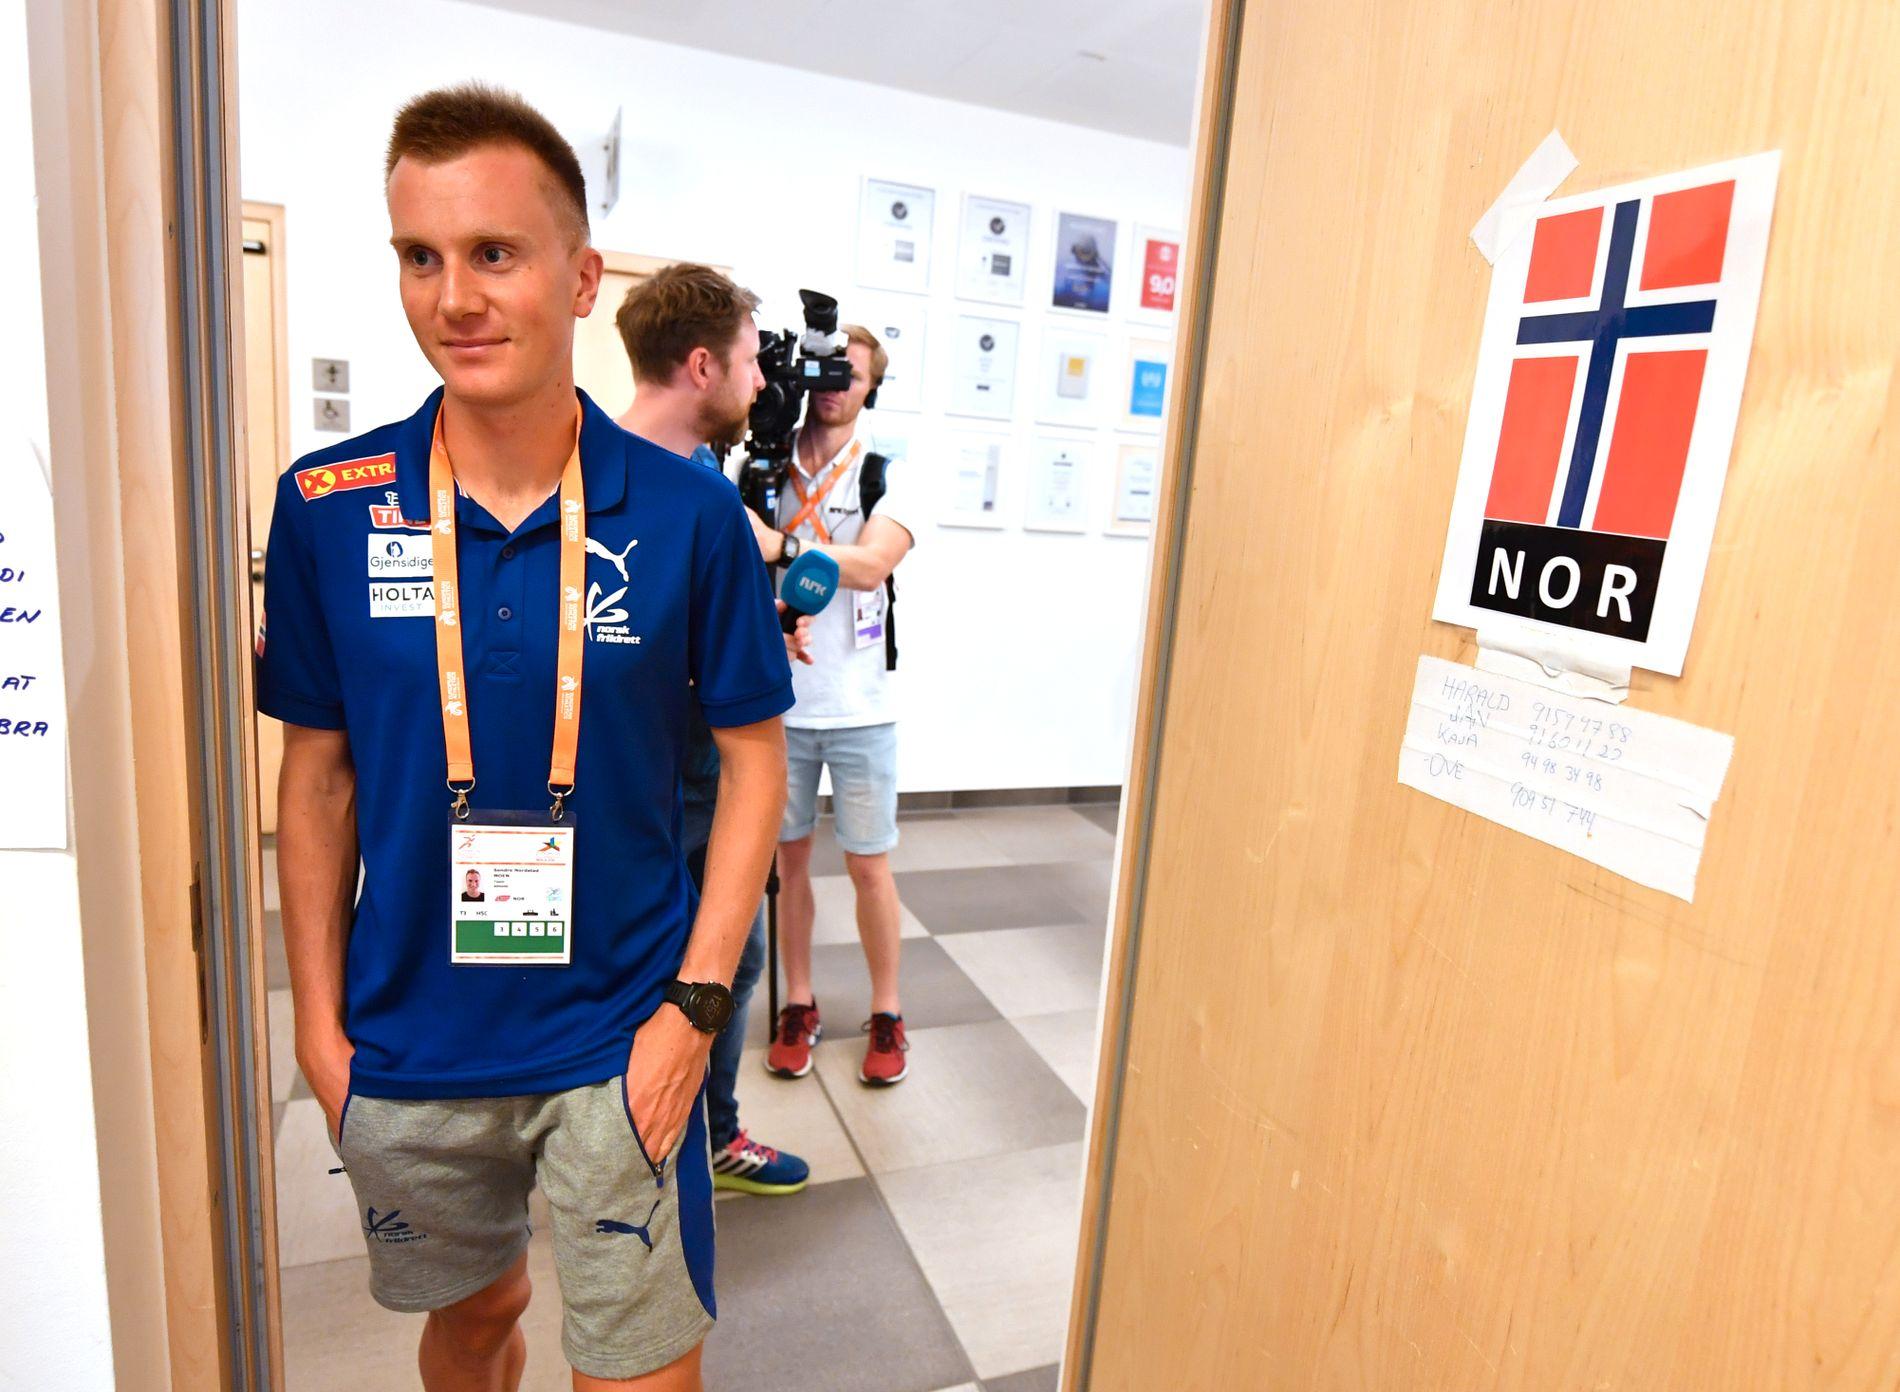 IKKE HELT KLAR: Sondre Nordstad Moen (27) er Europas raskeste mann på maraton. Men han er ikke sikker på om han vil fullføre distansen på EMs siste dag, søndag. Her under et pressetreff på utøverhotellet i Berlin lørdag.